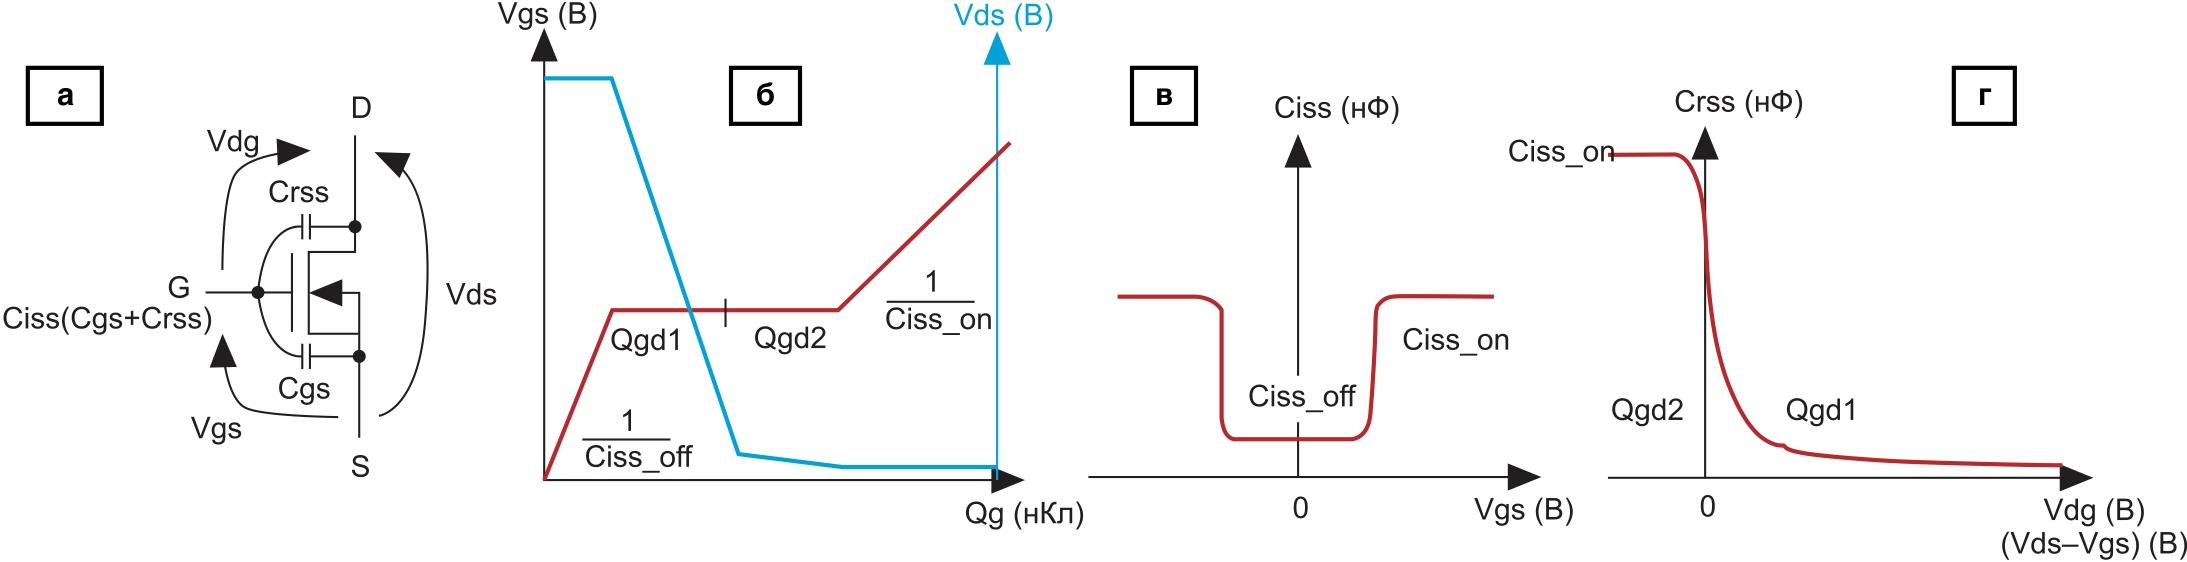 Определение Qg по нелинейной зависимости Crss–Vdg